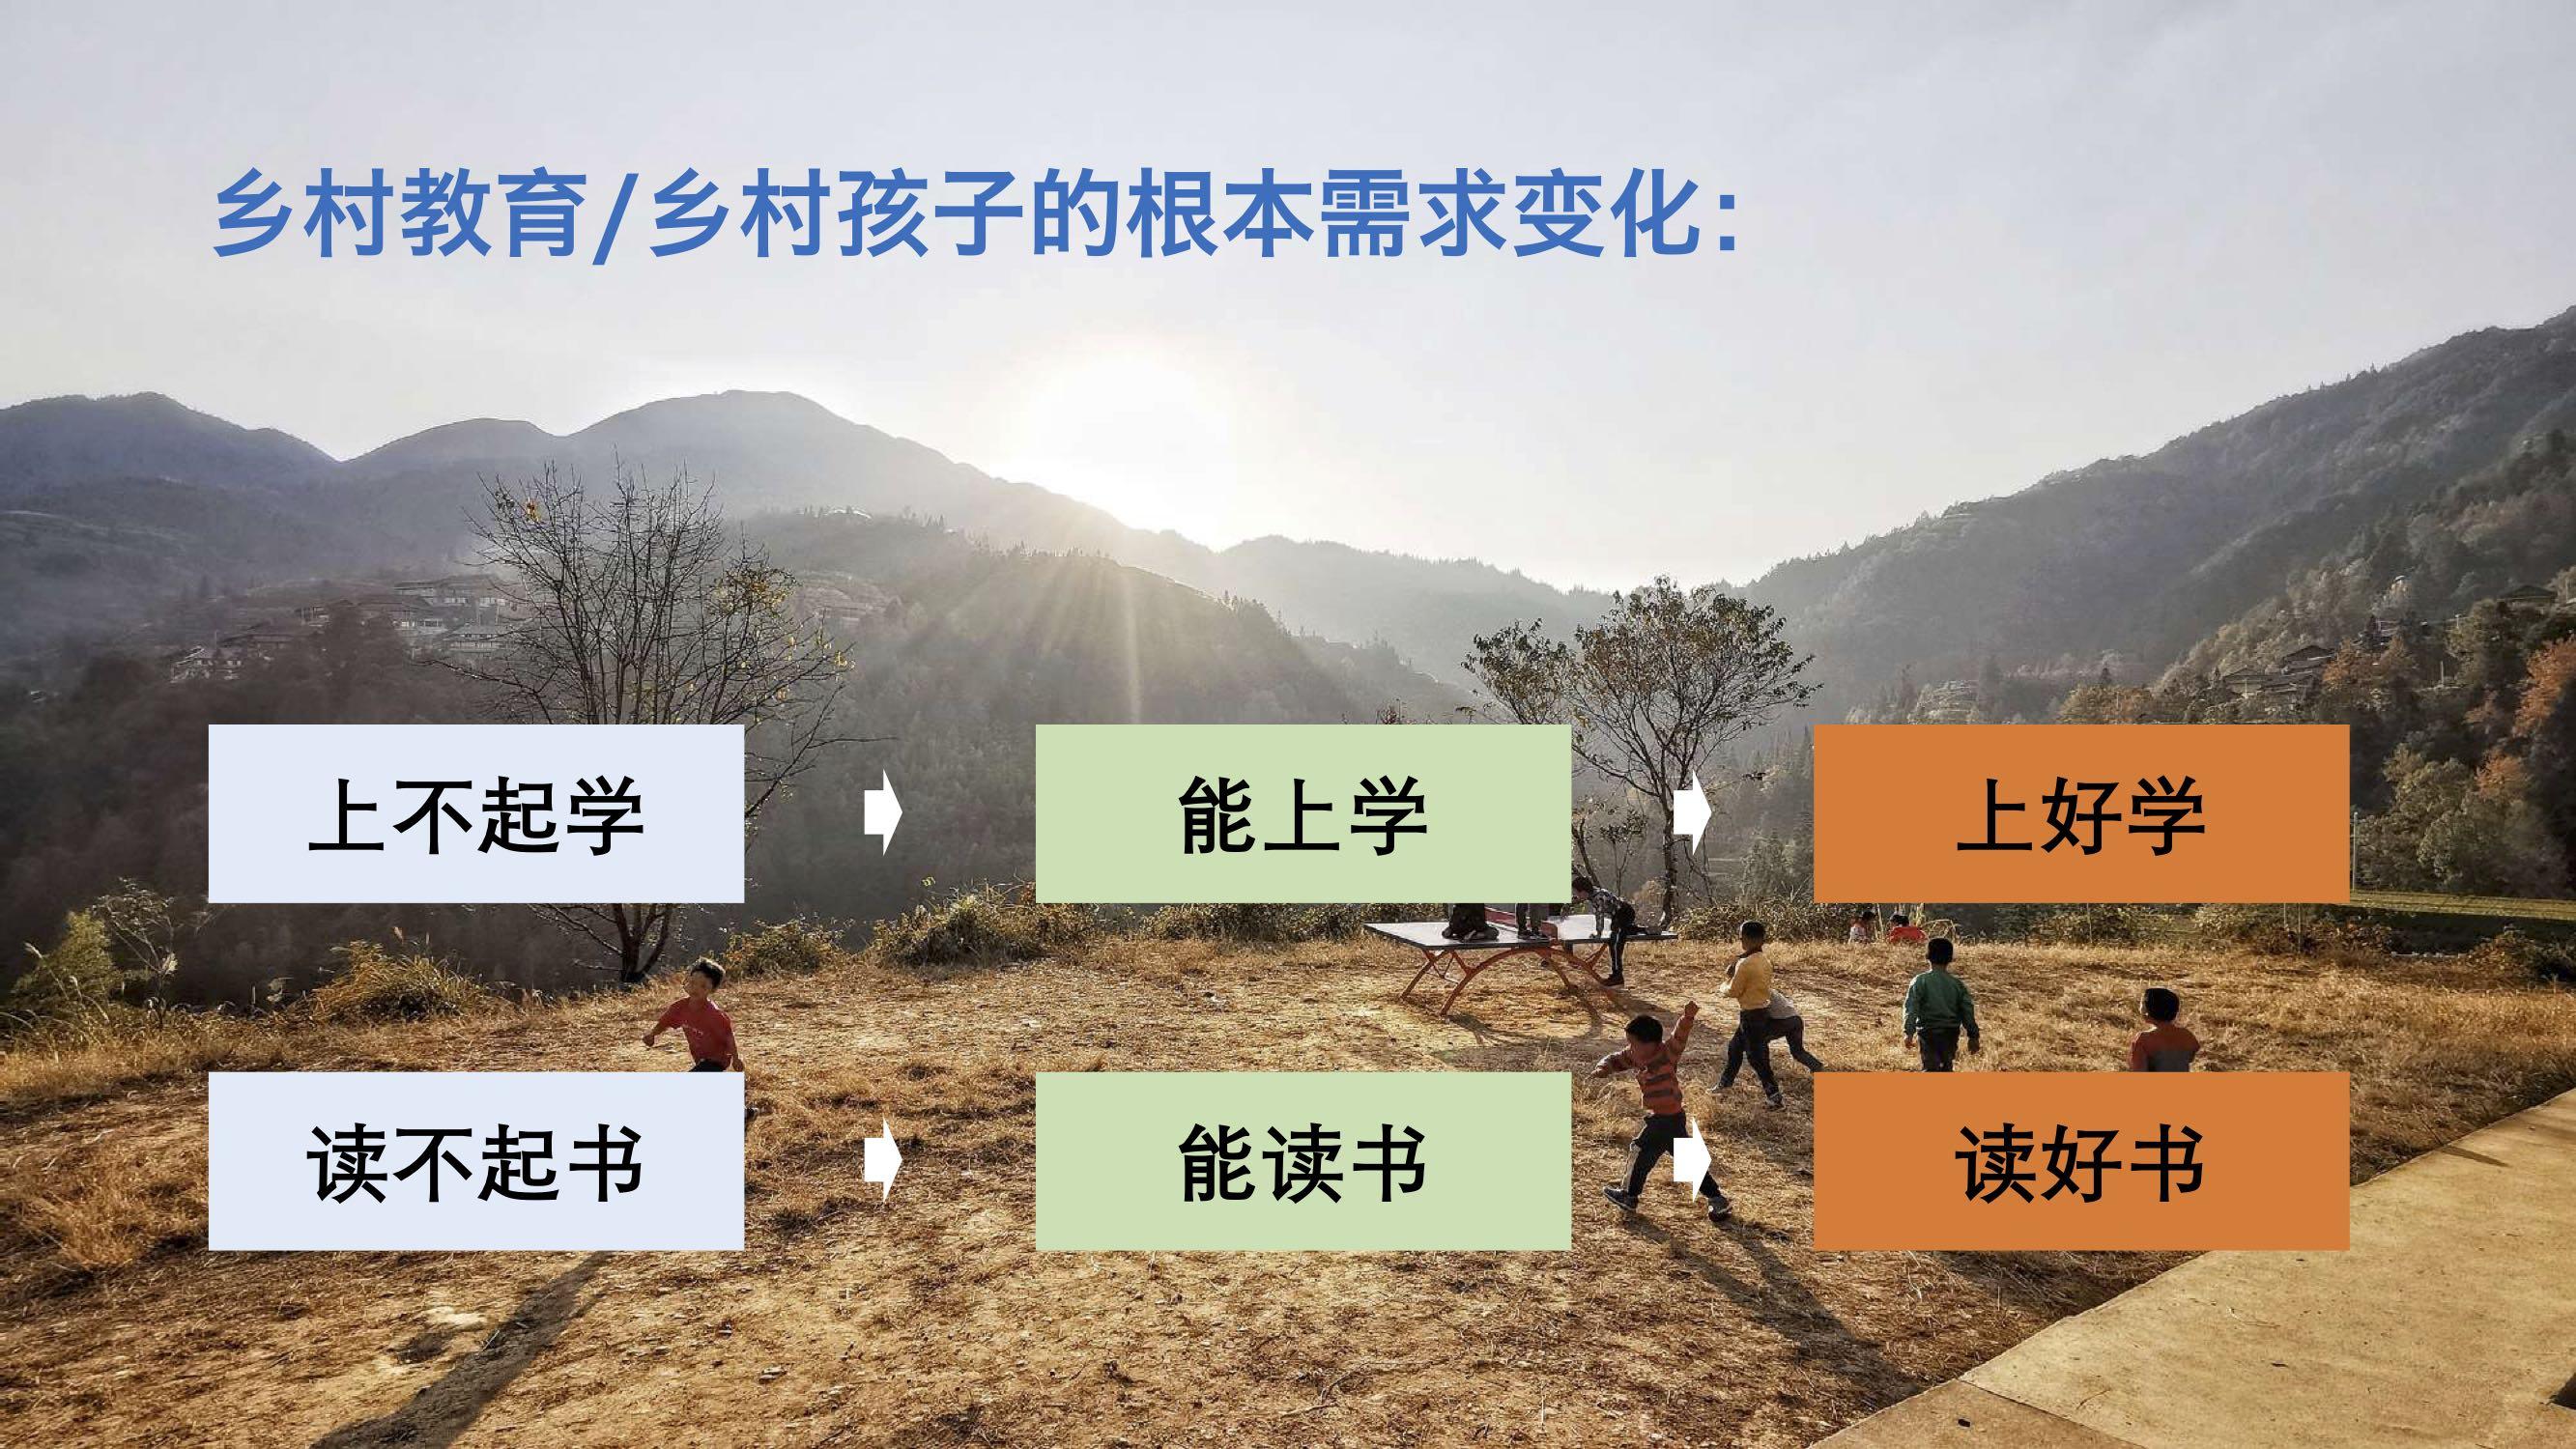 担当者行动-县域阅读教育生态构建案例.jpg